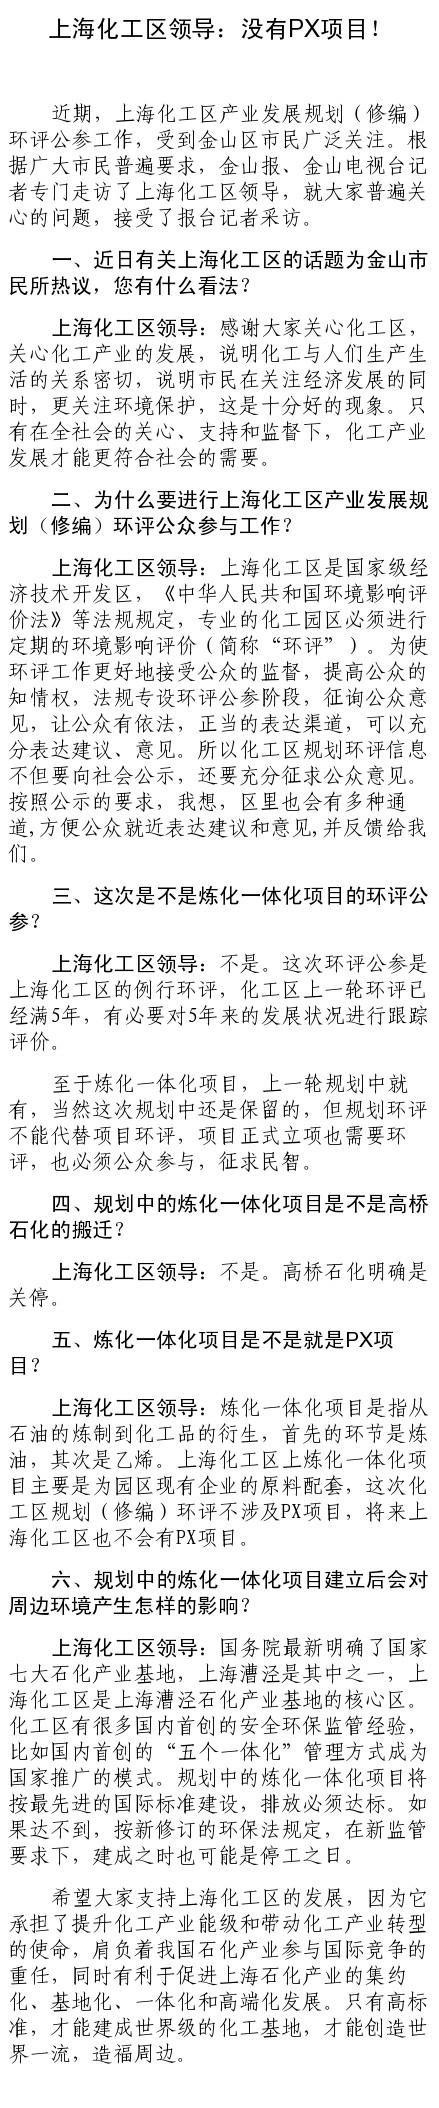 上海化工区指导:没有PX名目 未来也不会有